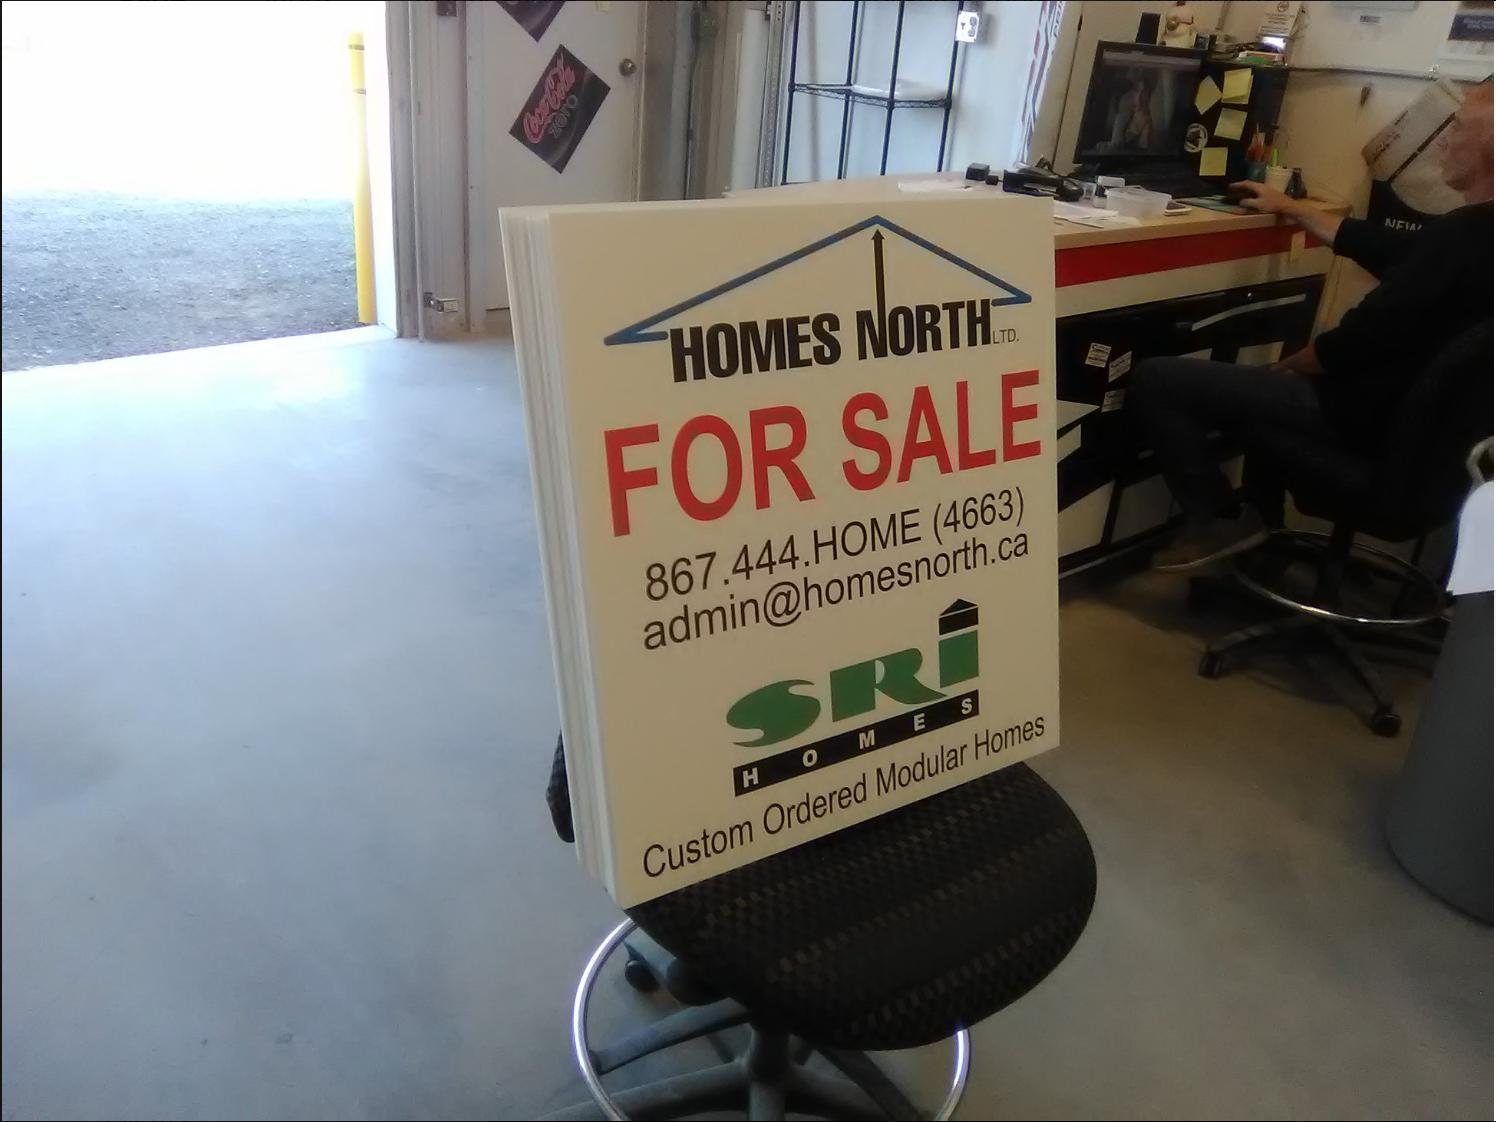 Homes North Ltd. Exterior Signage